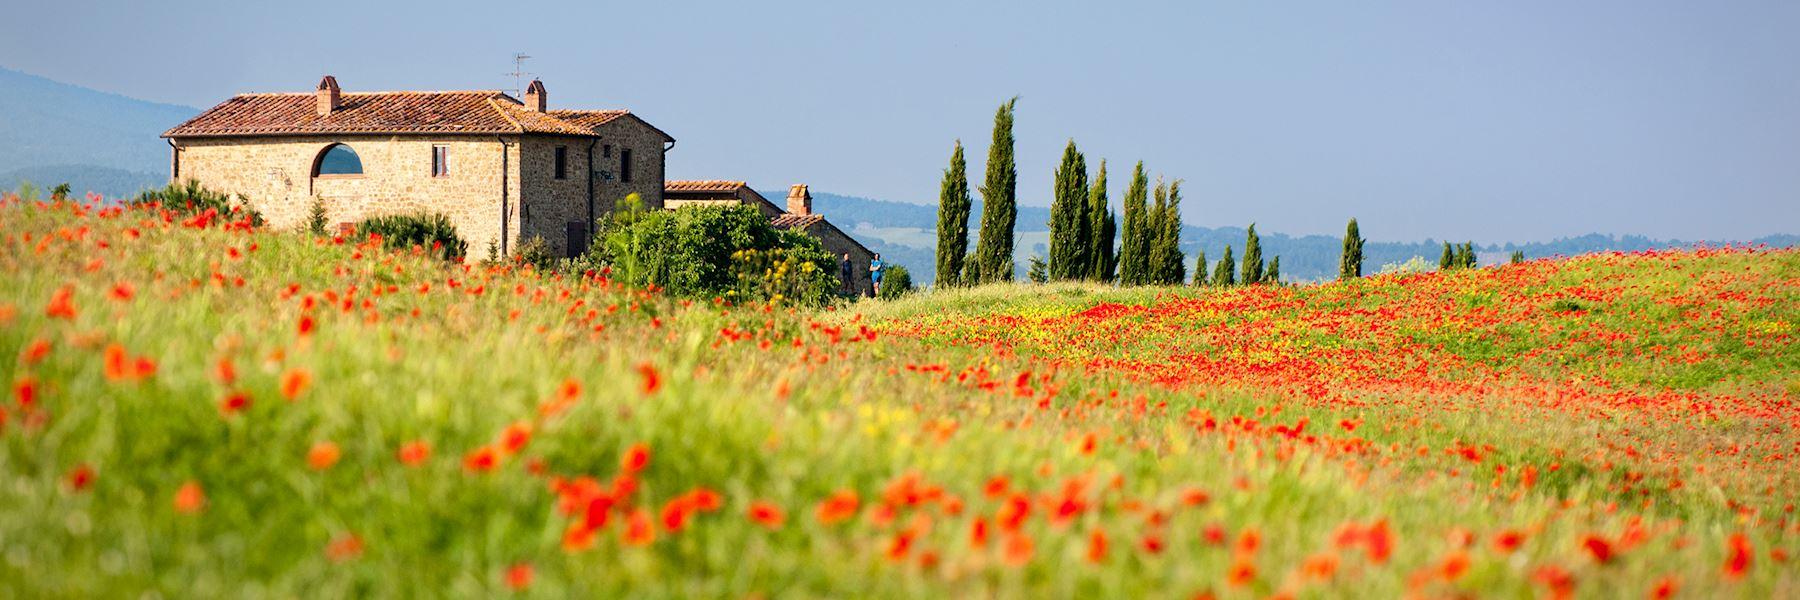 Tuscany vacations